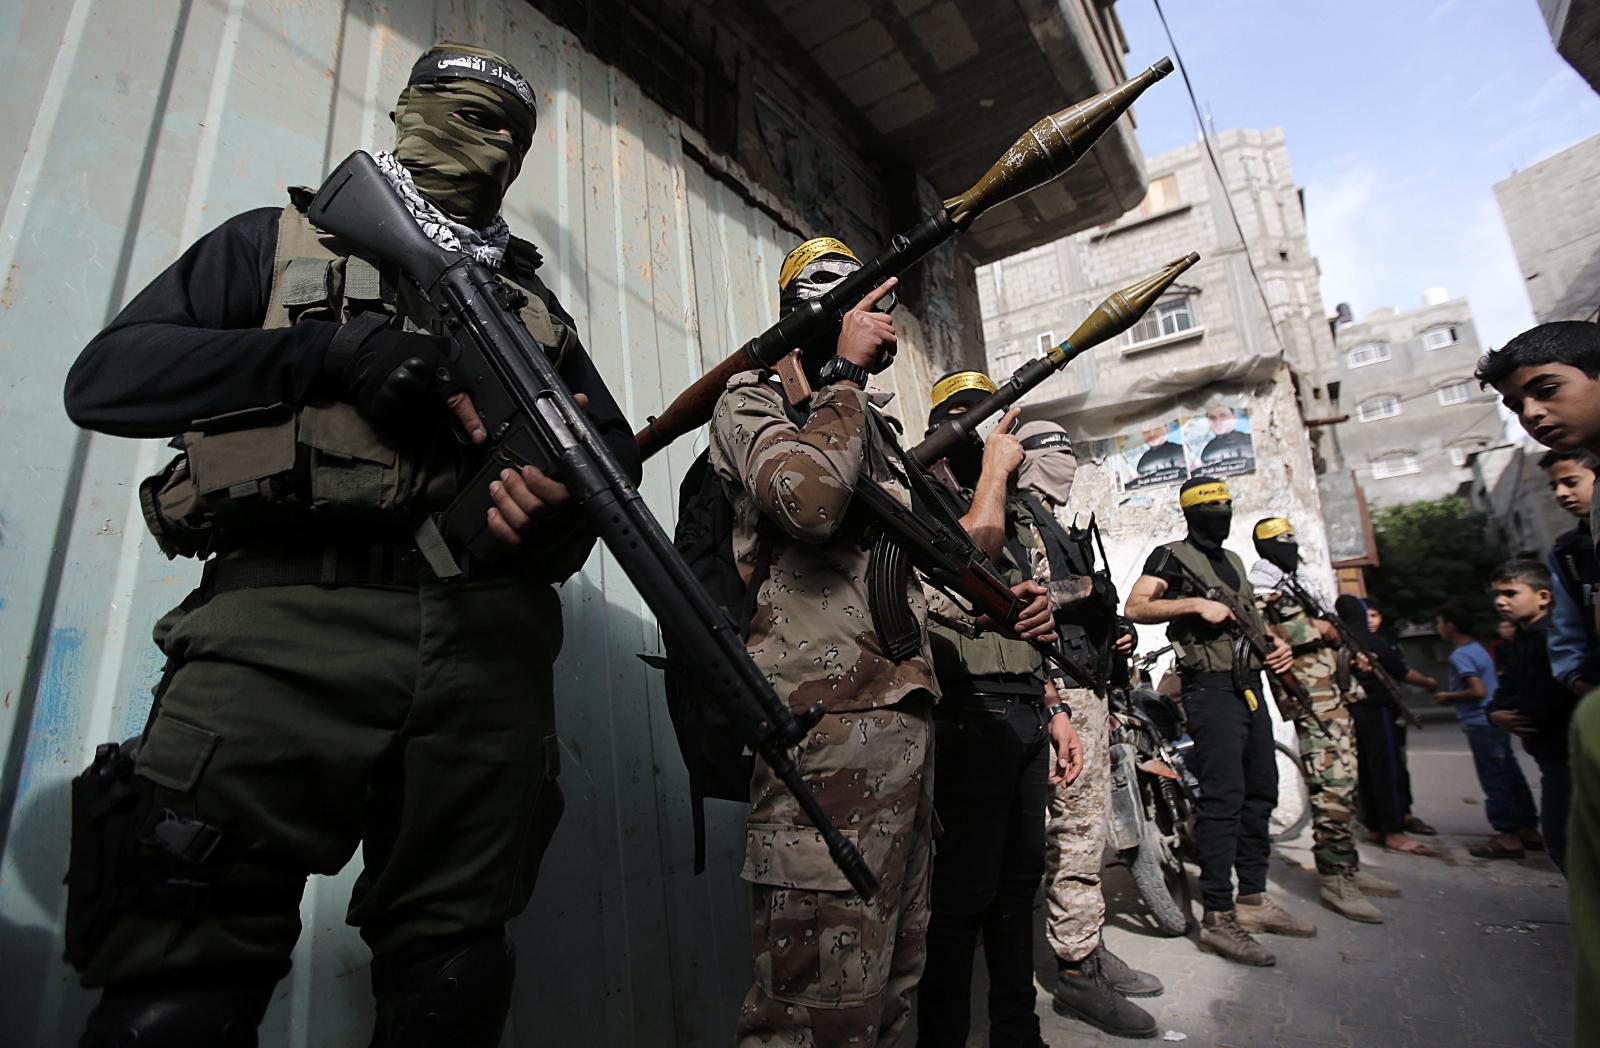 Wojownicy z Brygady Męczenników Jasira Arafata będącej skrzydłem ruchu Fatah uczestniczą w pogrzebie Mohammed Abu Seada, który zginął dzień wcześniej z rąk Izraelczyków, strefa Gazy.